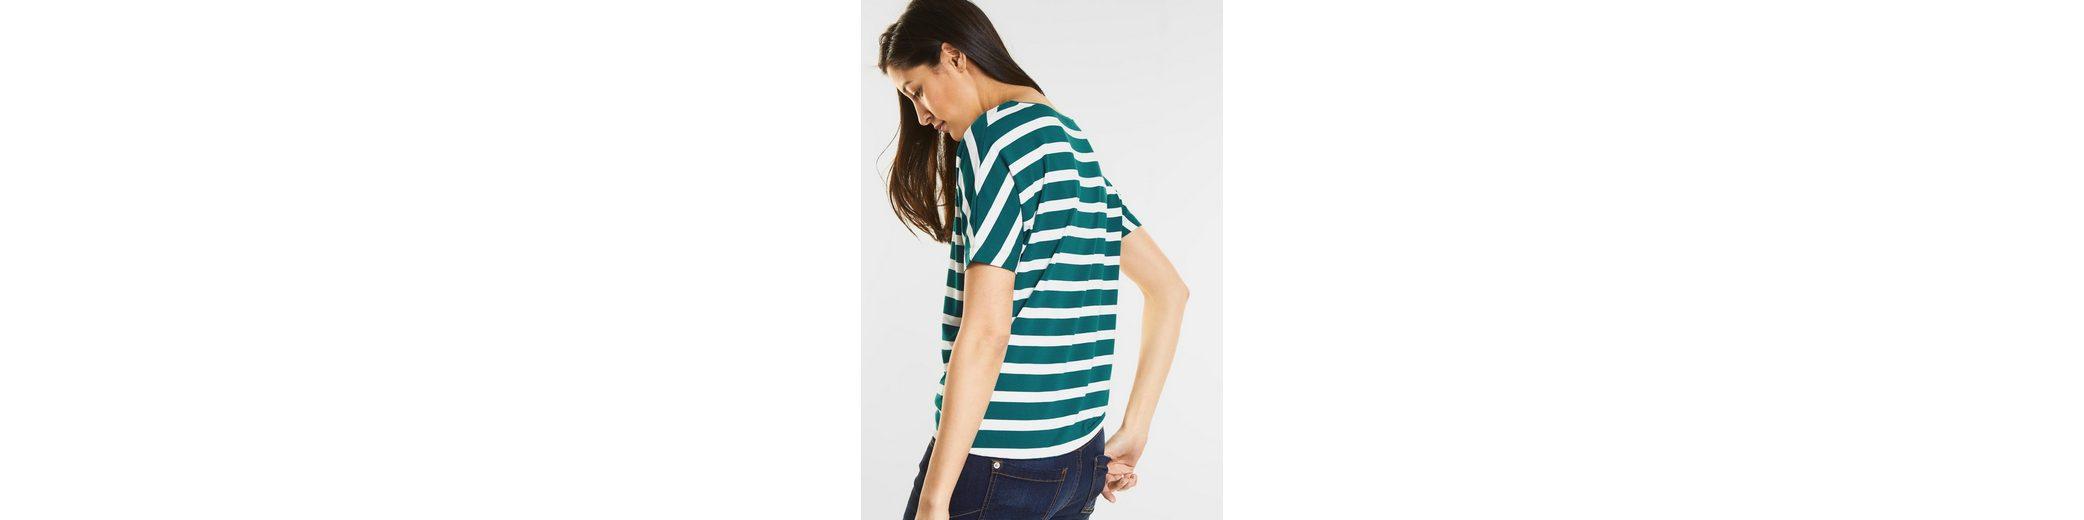 Street One Weiches Streifen-Shirt Gitta Günstig Kaufen Vermarktbare Günstigste Online-Verkauf Für Schön Freies Verschiffen Heißen Verkauf Billig Verkauf Echten hD6G3HK